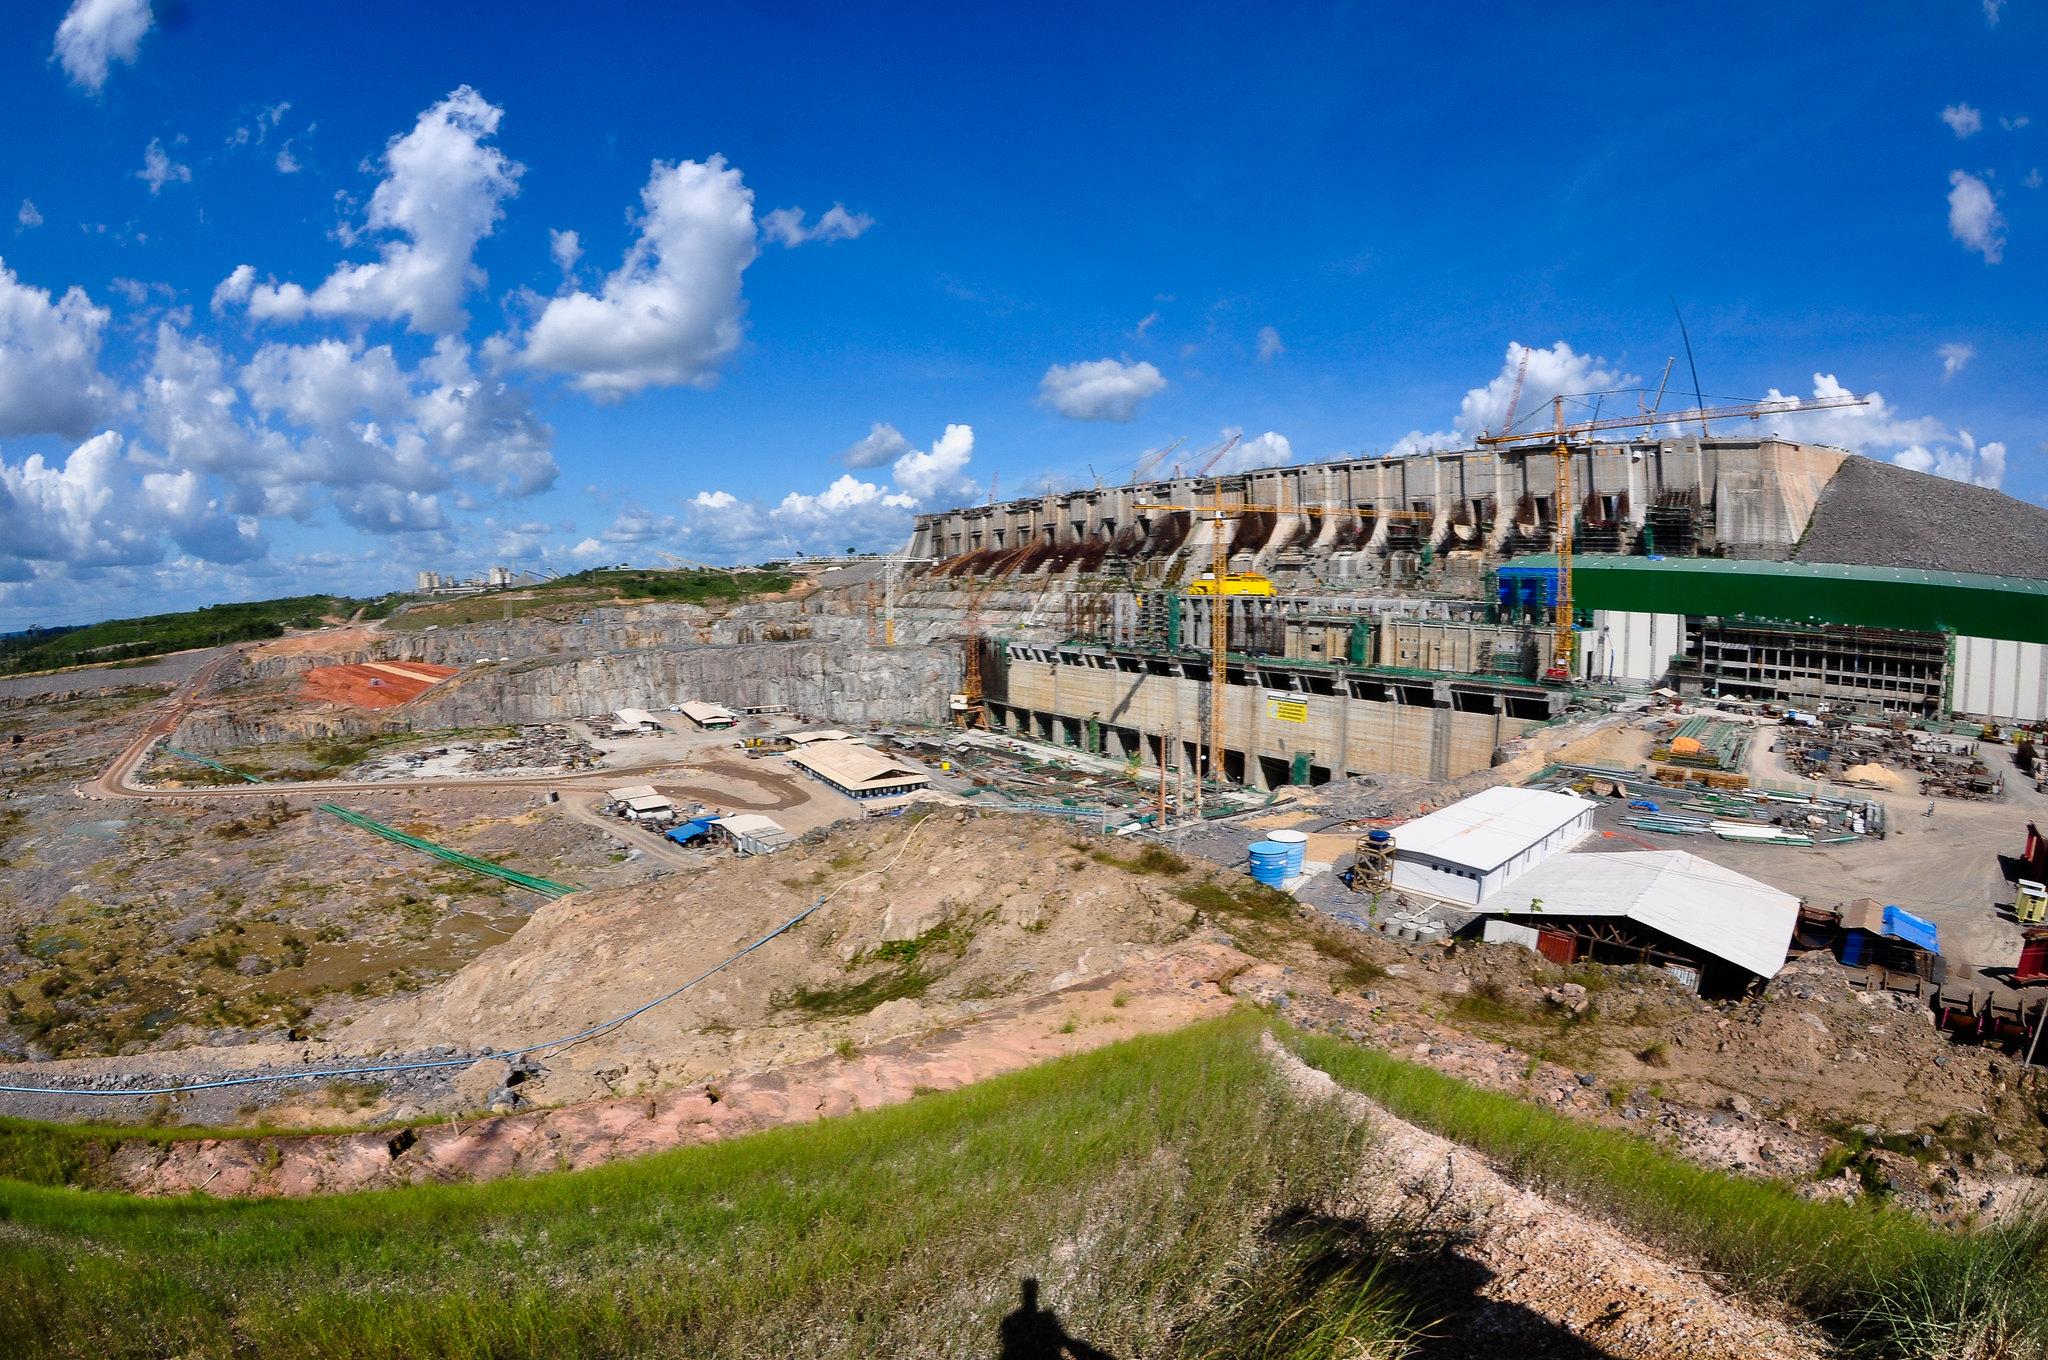 Canteiro de obras da usina de Belo Monte, no Pará (Foto: Saulo Cruz - SAE/PR - 3/6/2015)